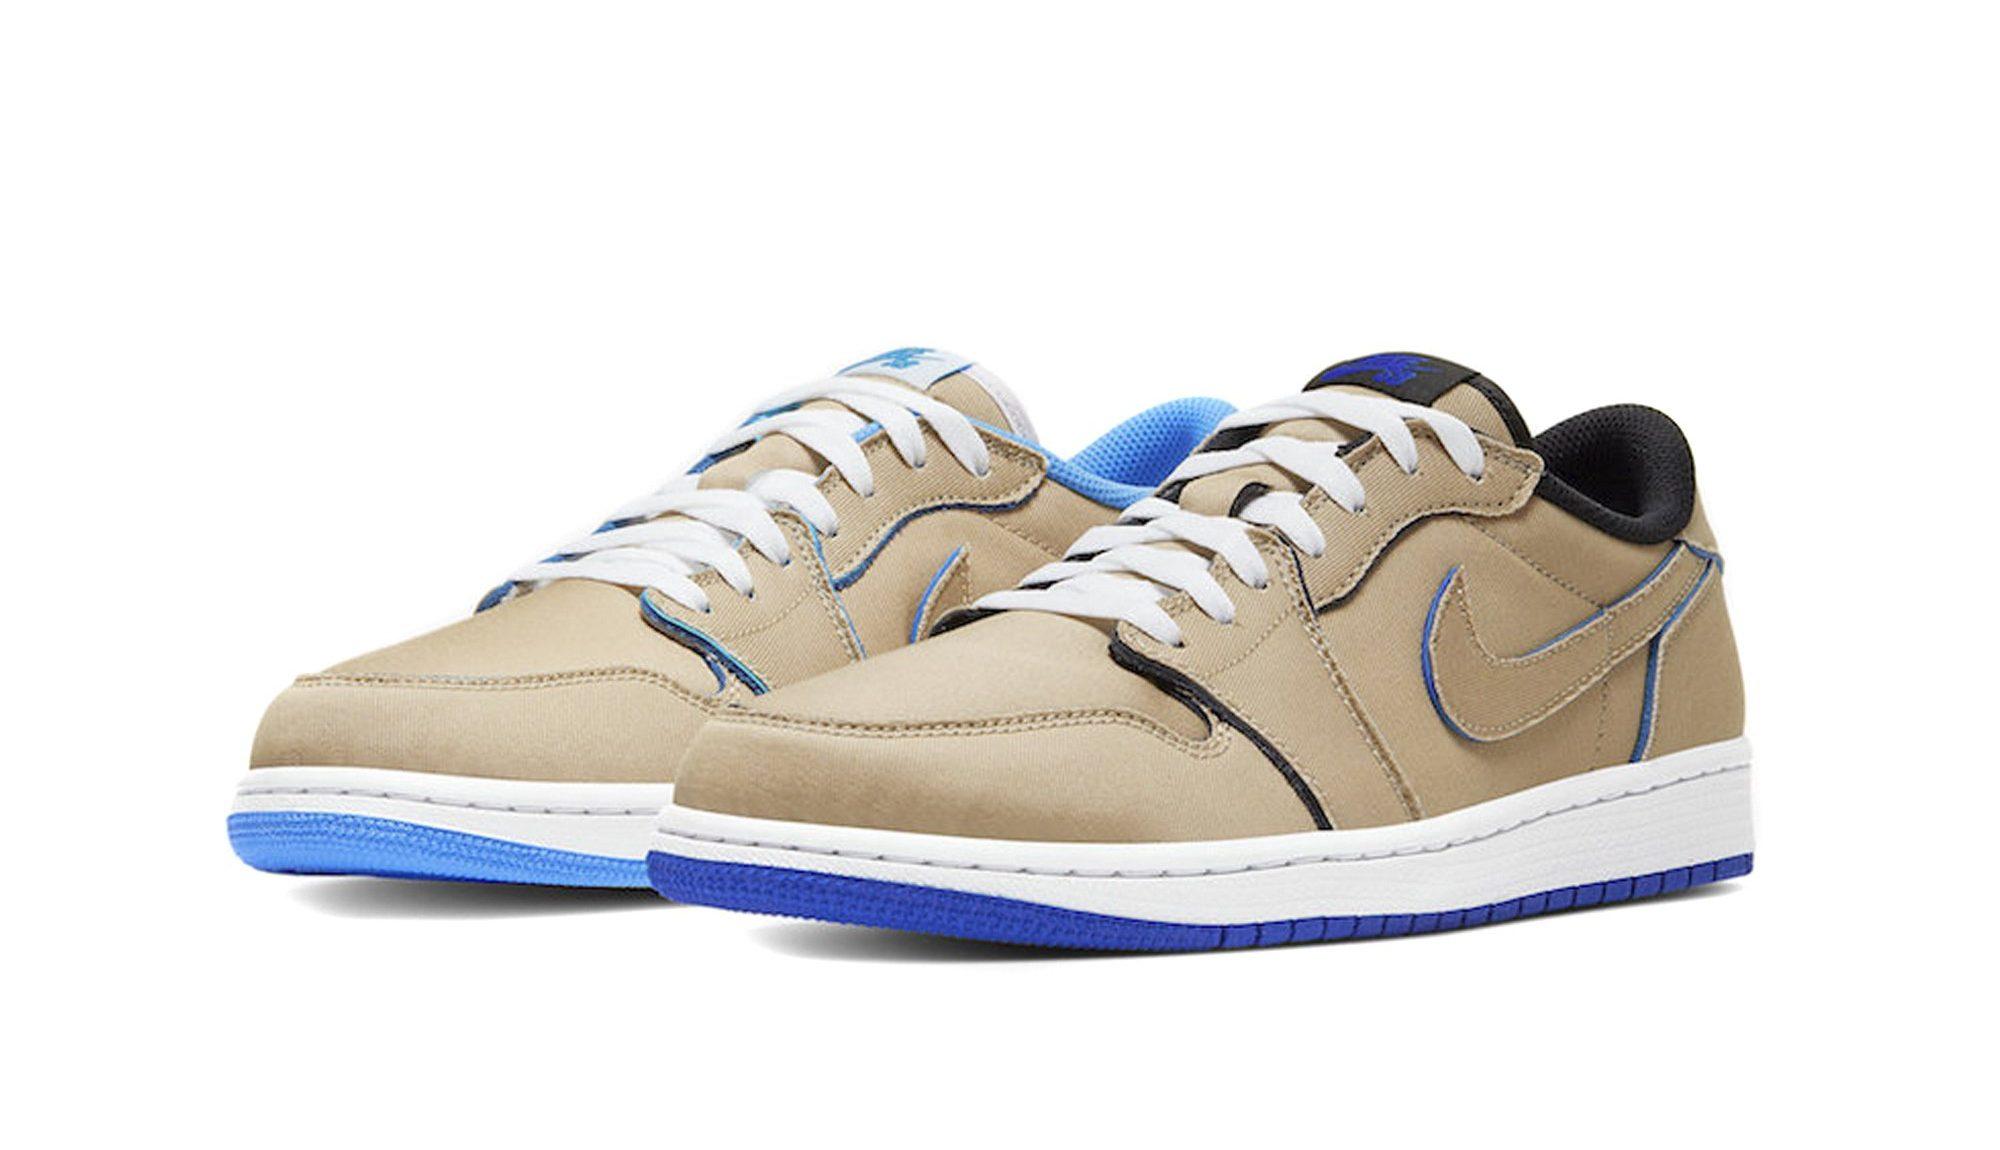 Nike SB x Air Jordan 1 Low Desert Ore